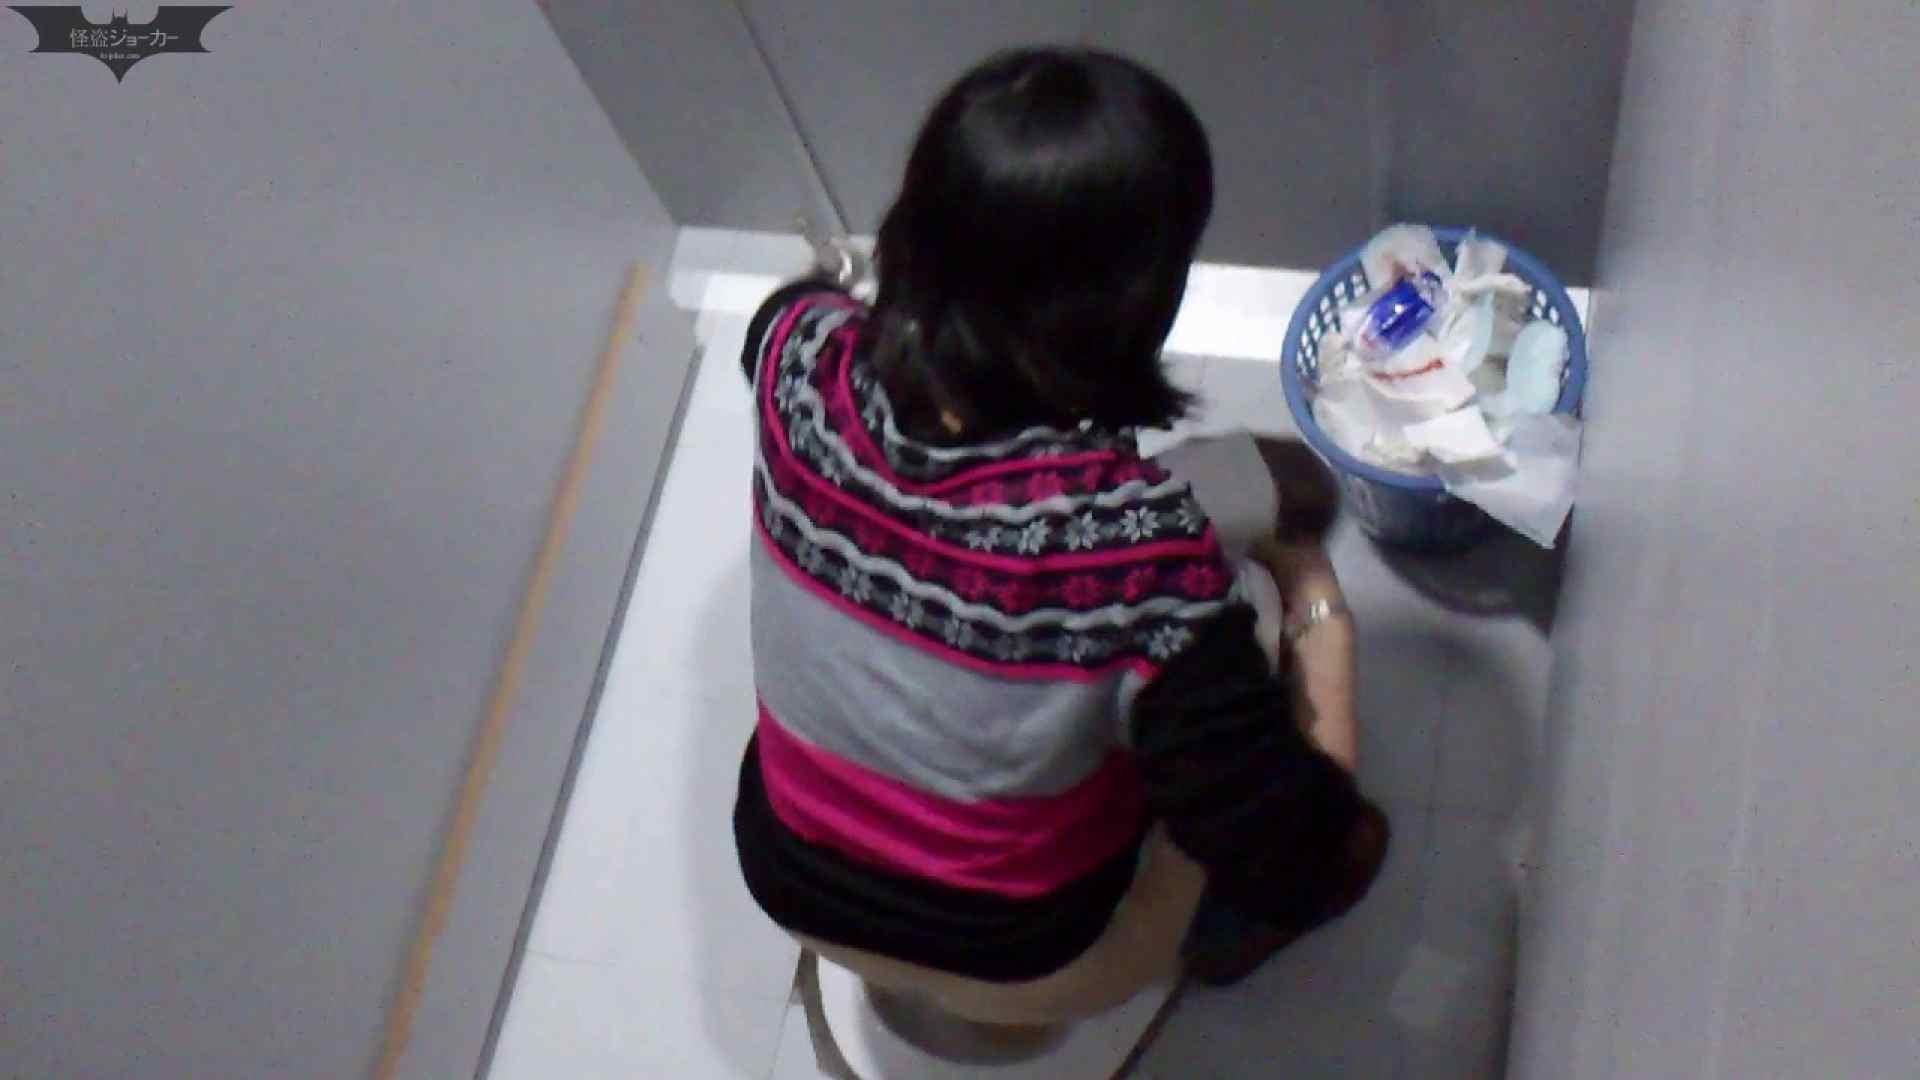 駅隣接デパート8携帯を隣の個室に挿し込んでみたら 洗面所のぞき おめこ無修正画像 77枚 54